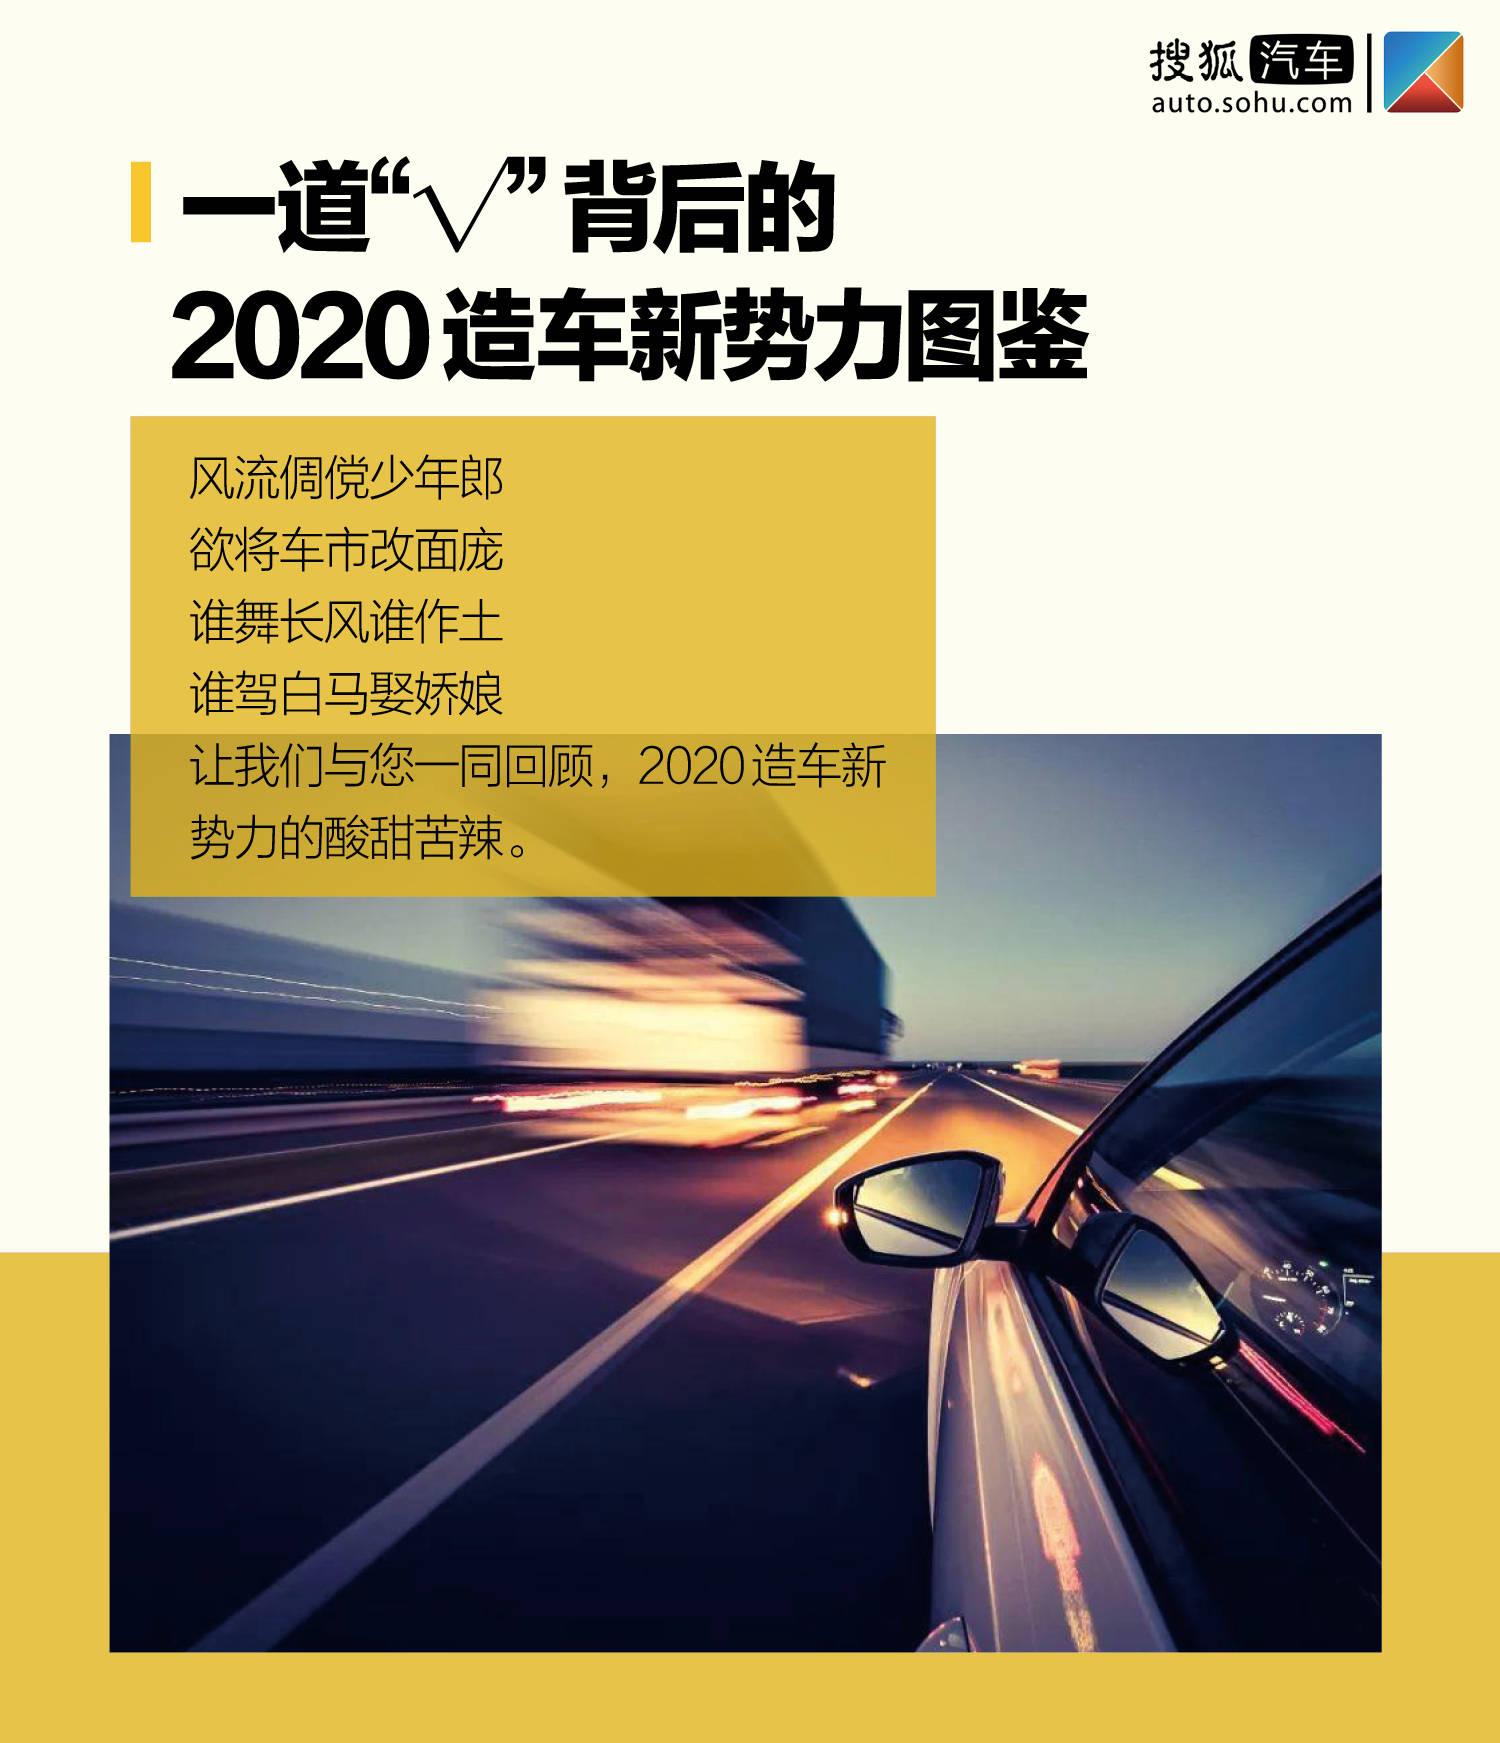 """2020年造车新动力插画背后的原创""""√"""""""